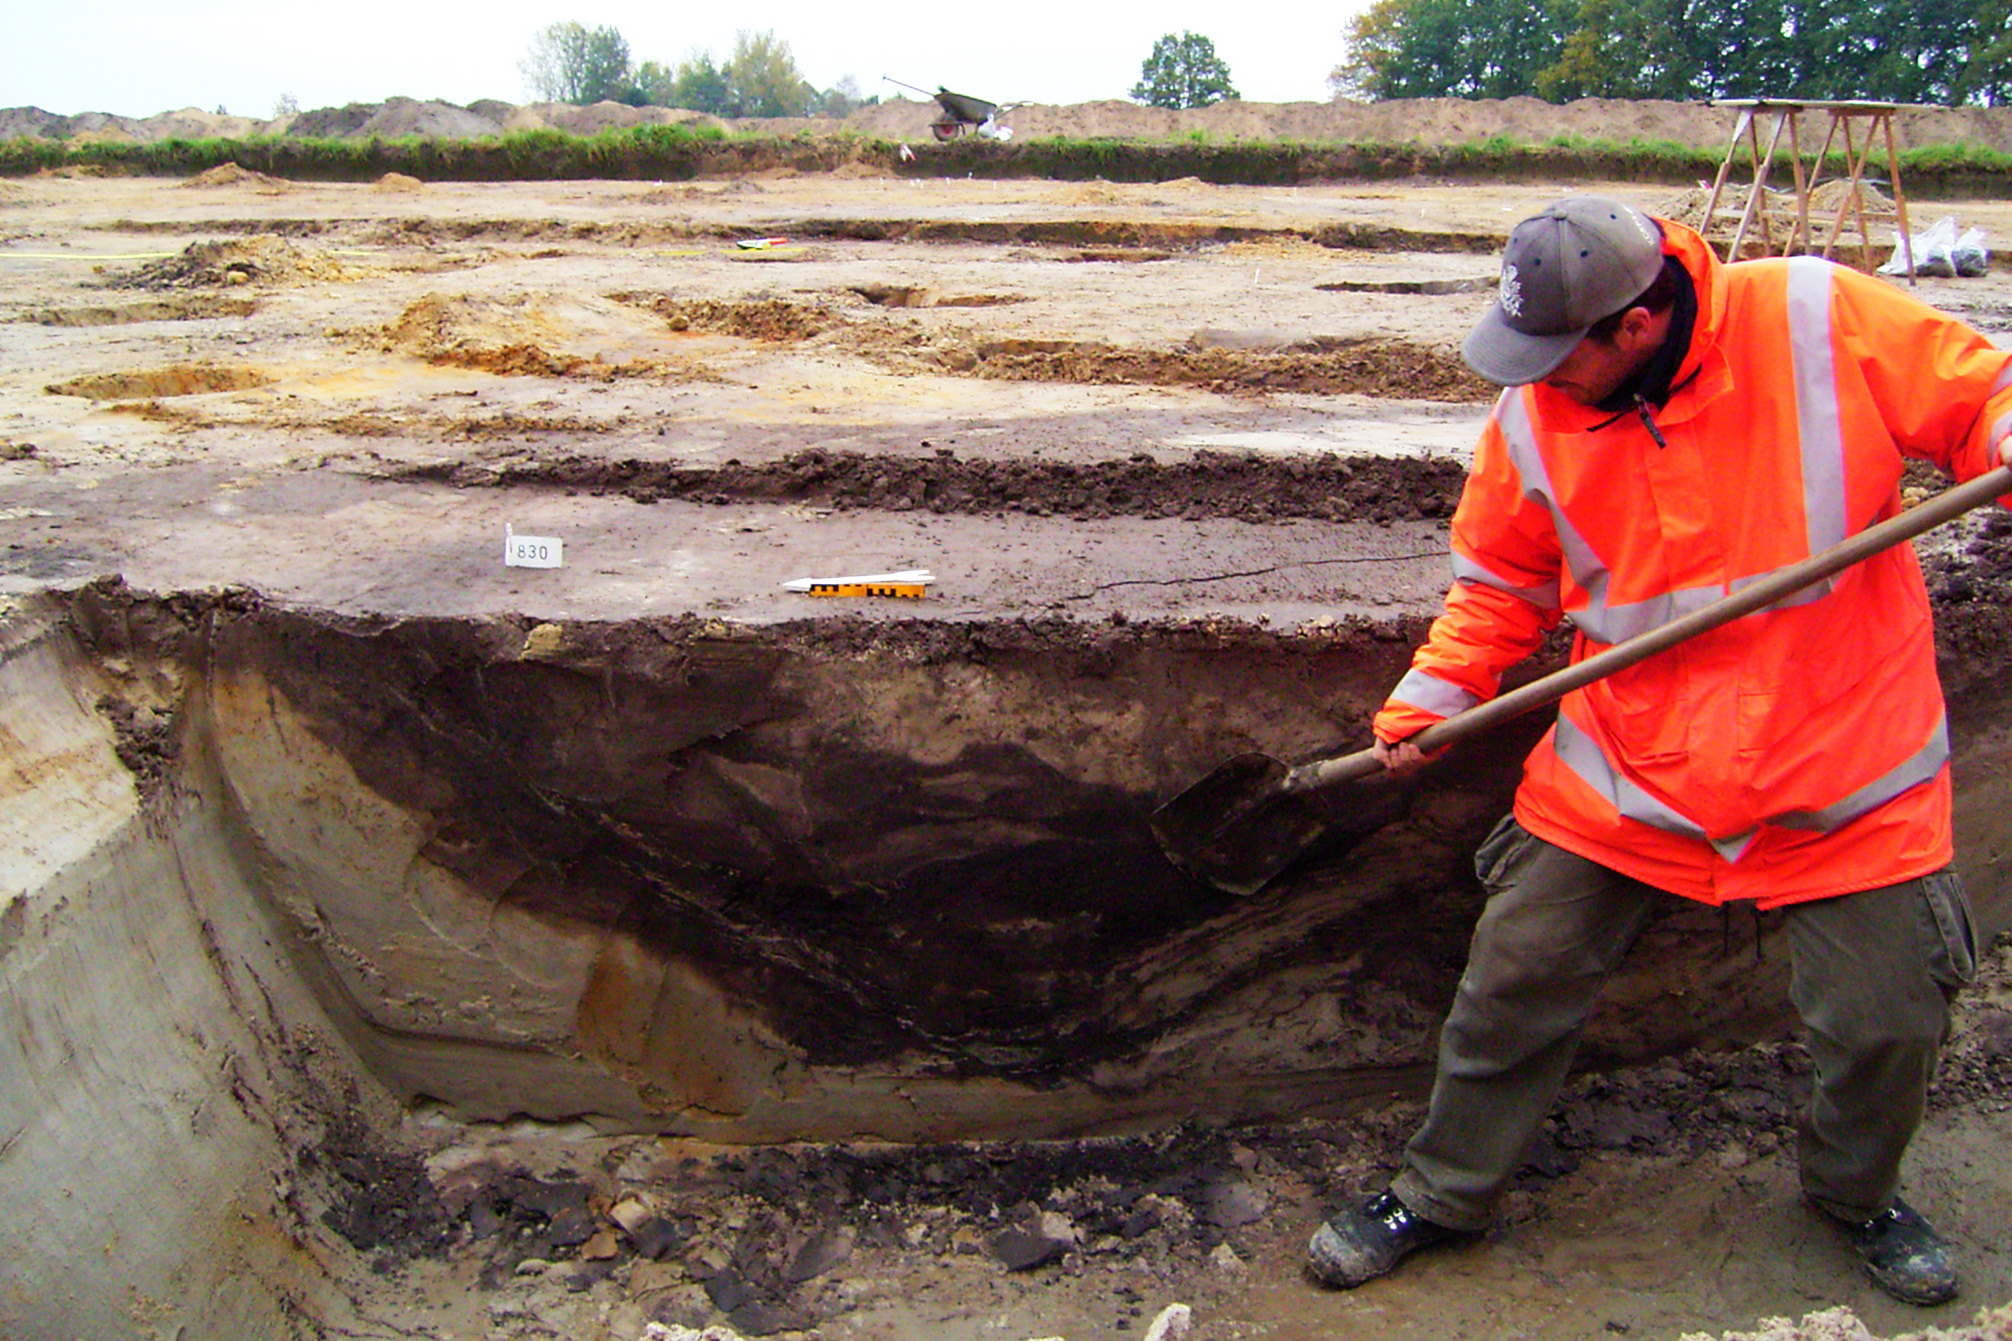 Opgraving Schammer - Archeoloog schaaft het profiel van een grote kuil